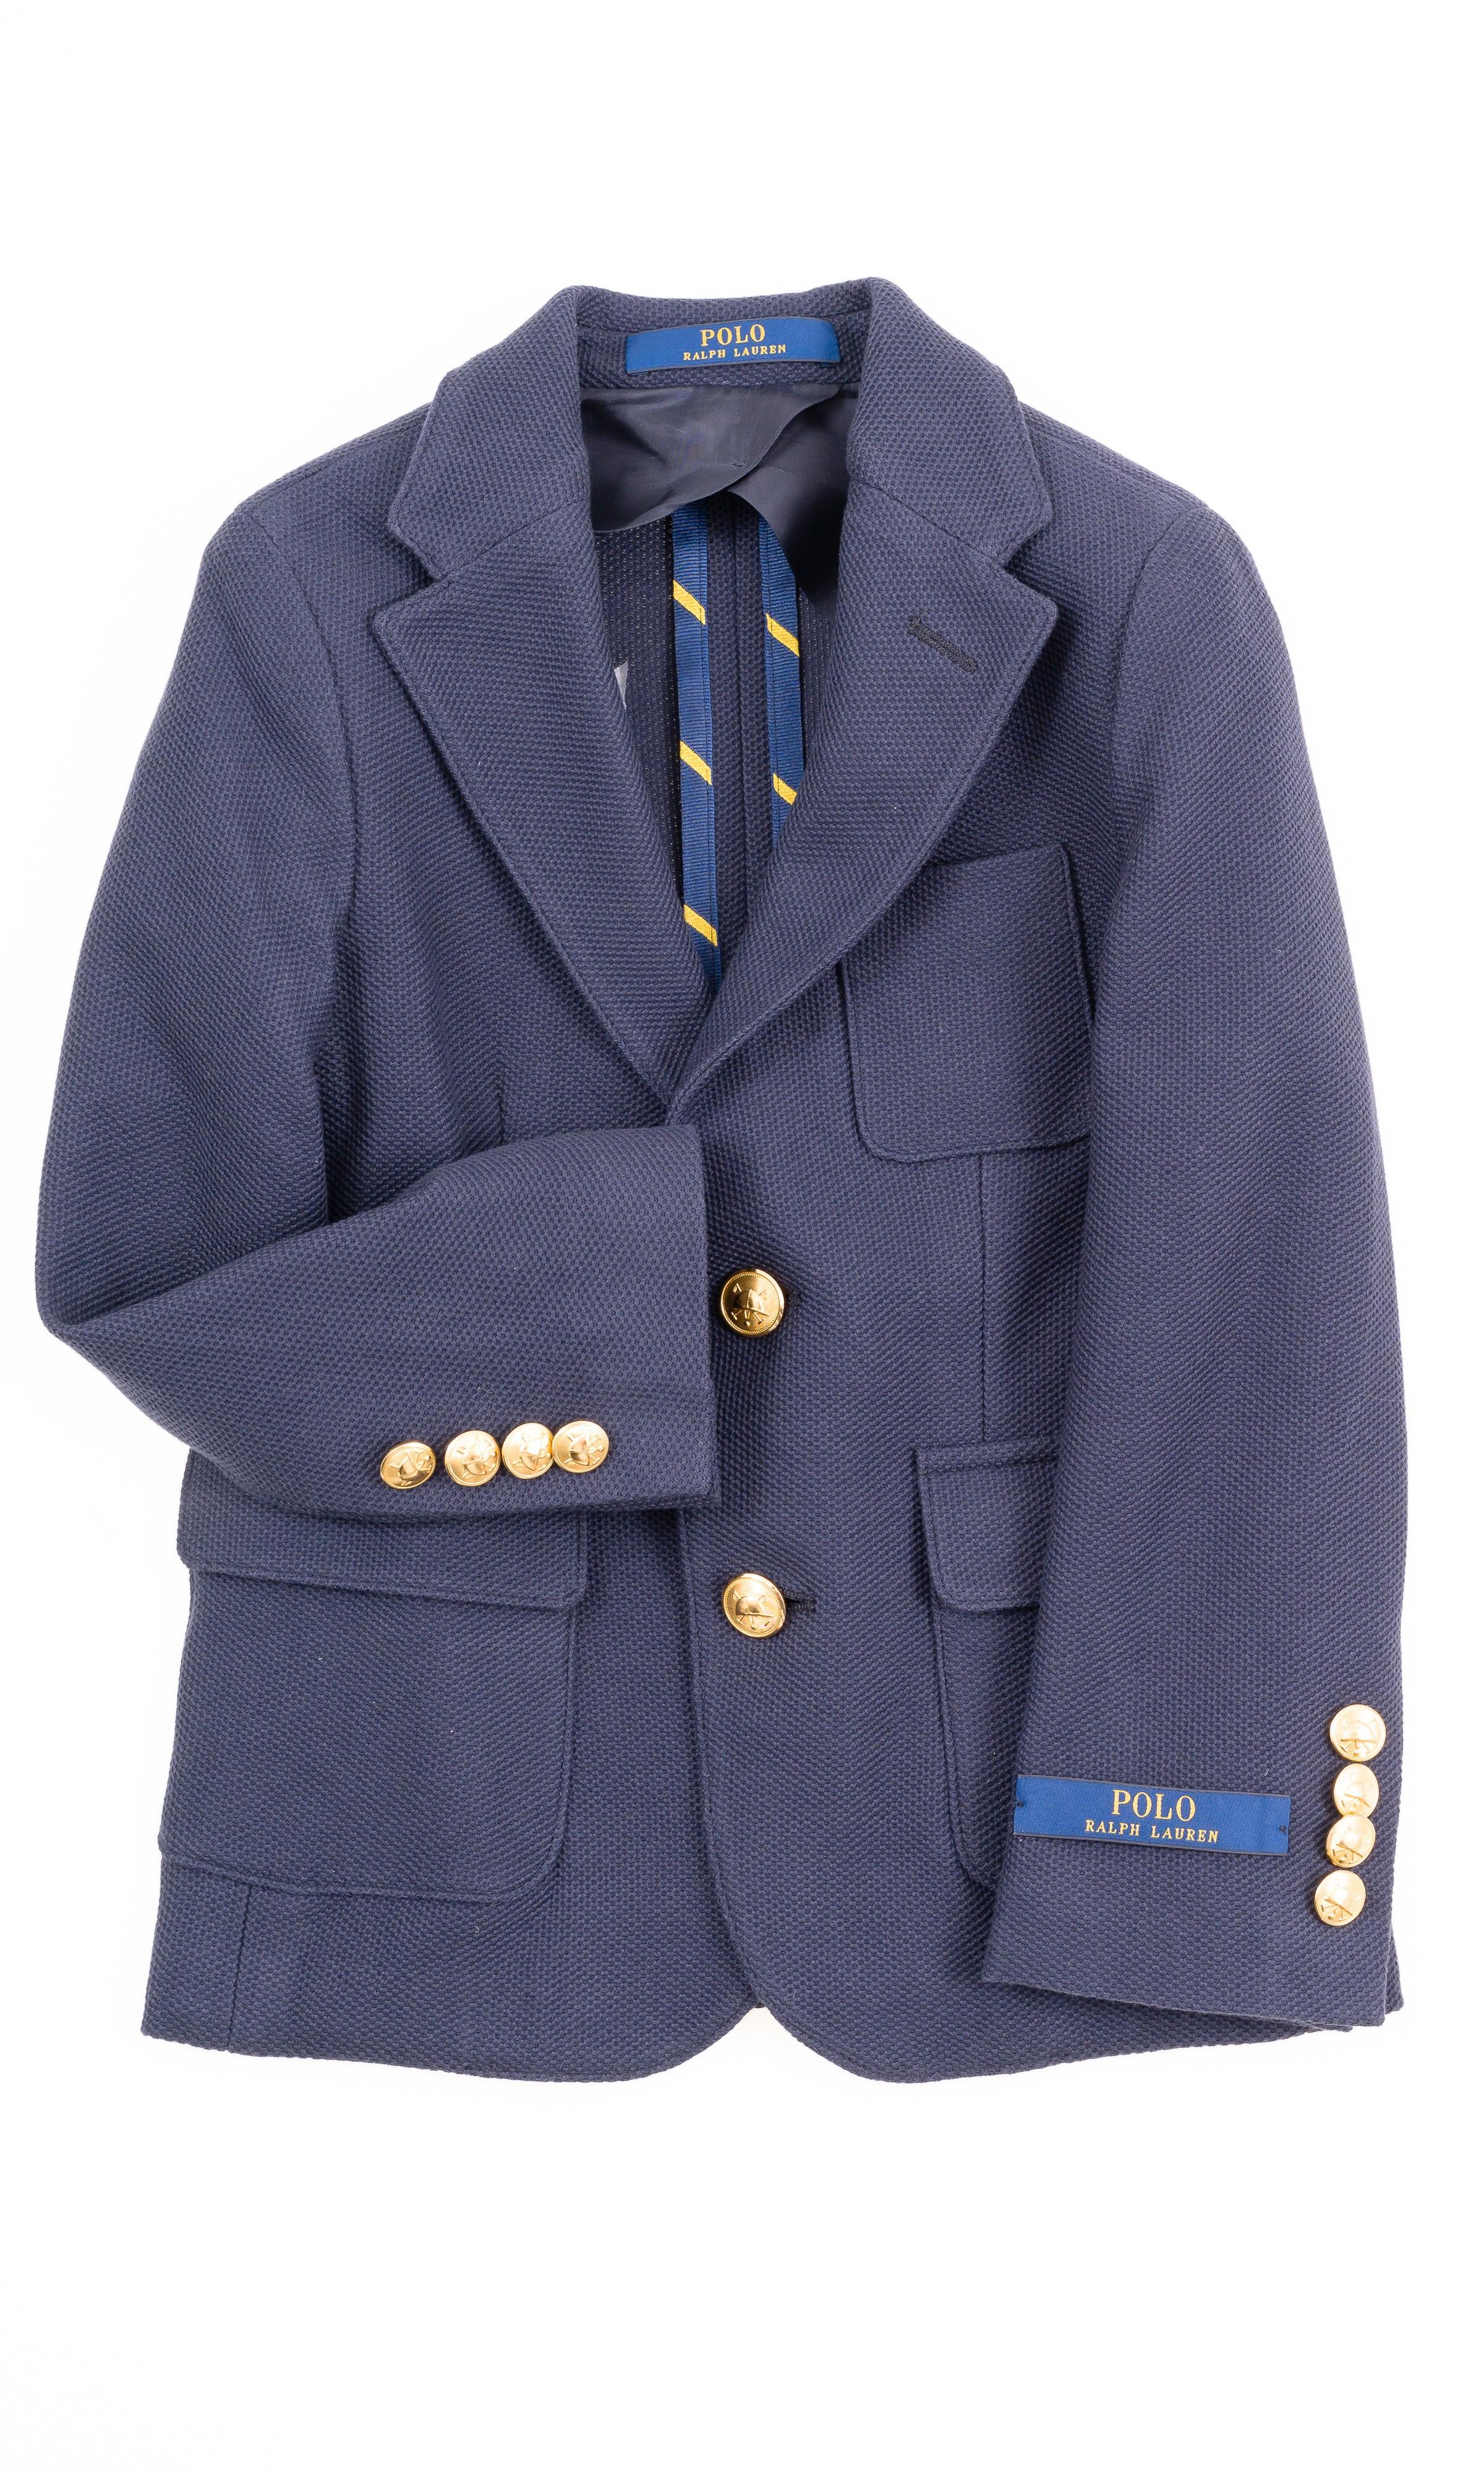 29e3850d50742 Granatowa marynarka klubowa dla chłopca, Polo Ralph Lauren ...